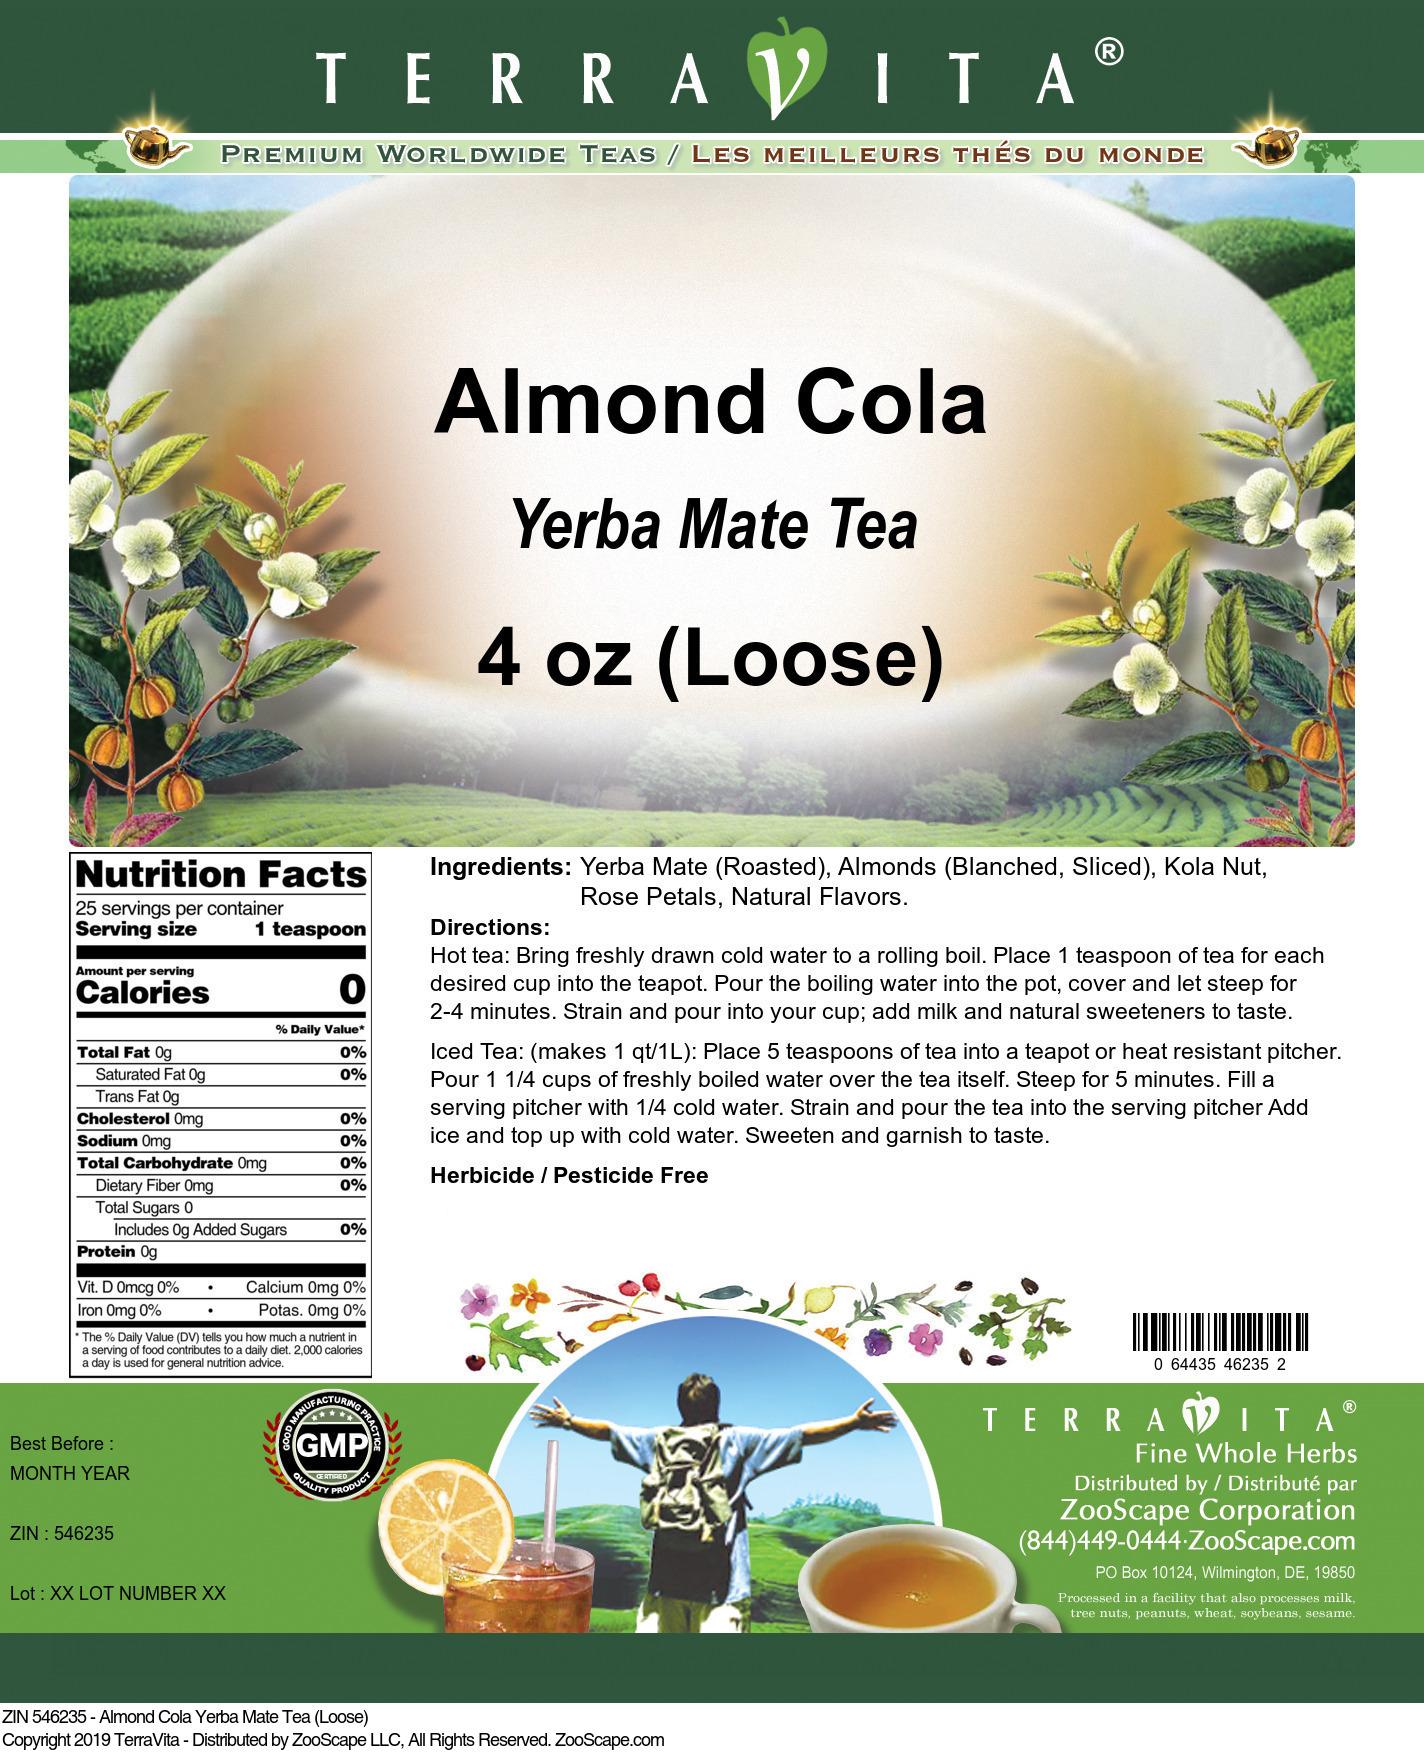 Almond Cola Yerba Mate Tea (Loose)